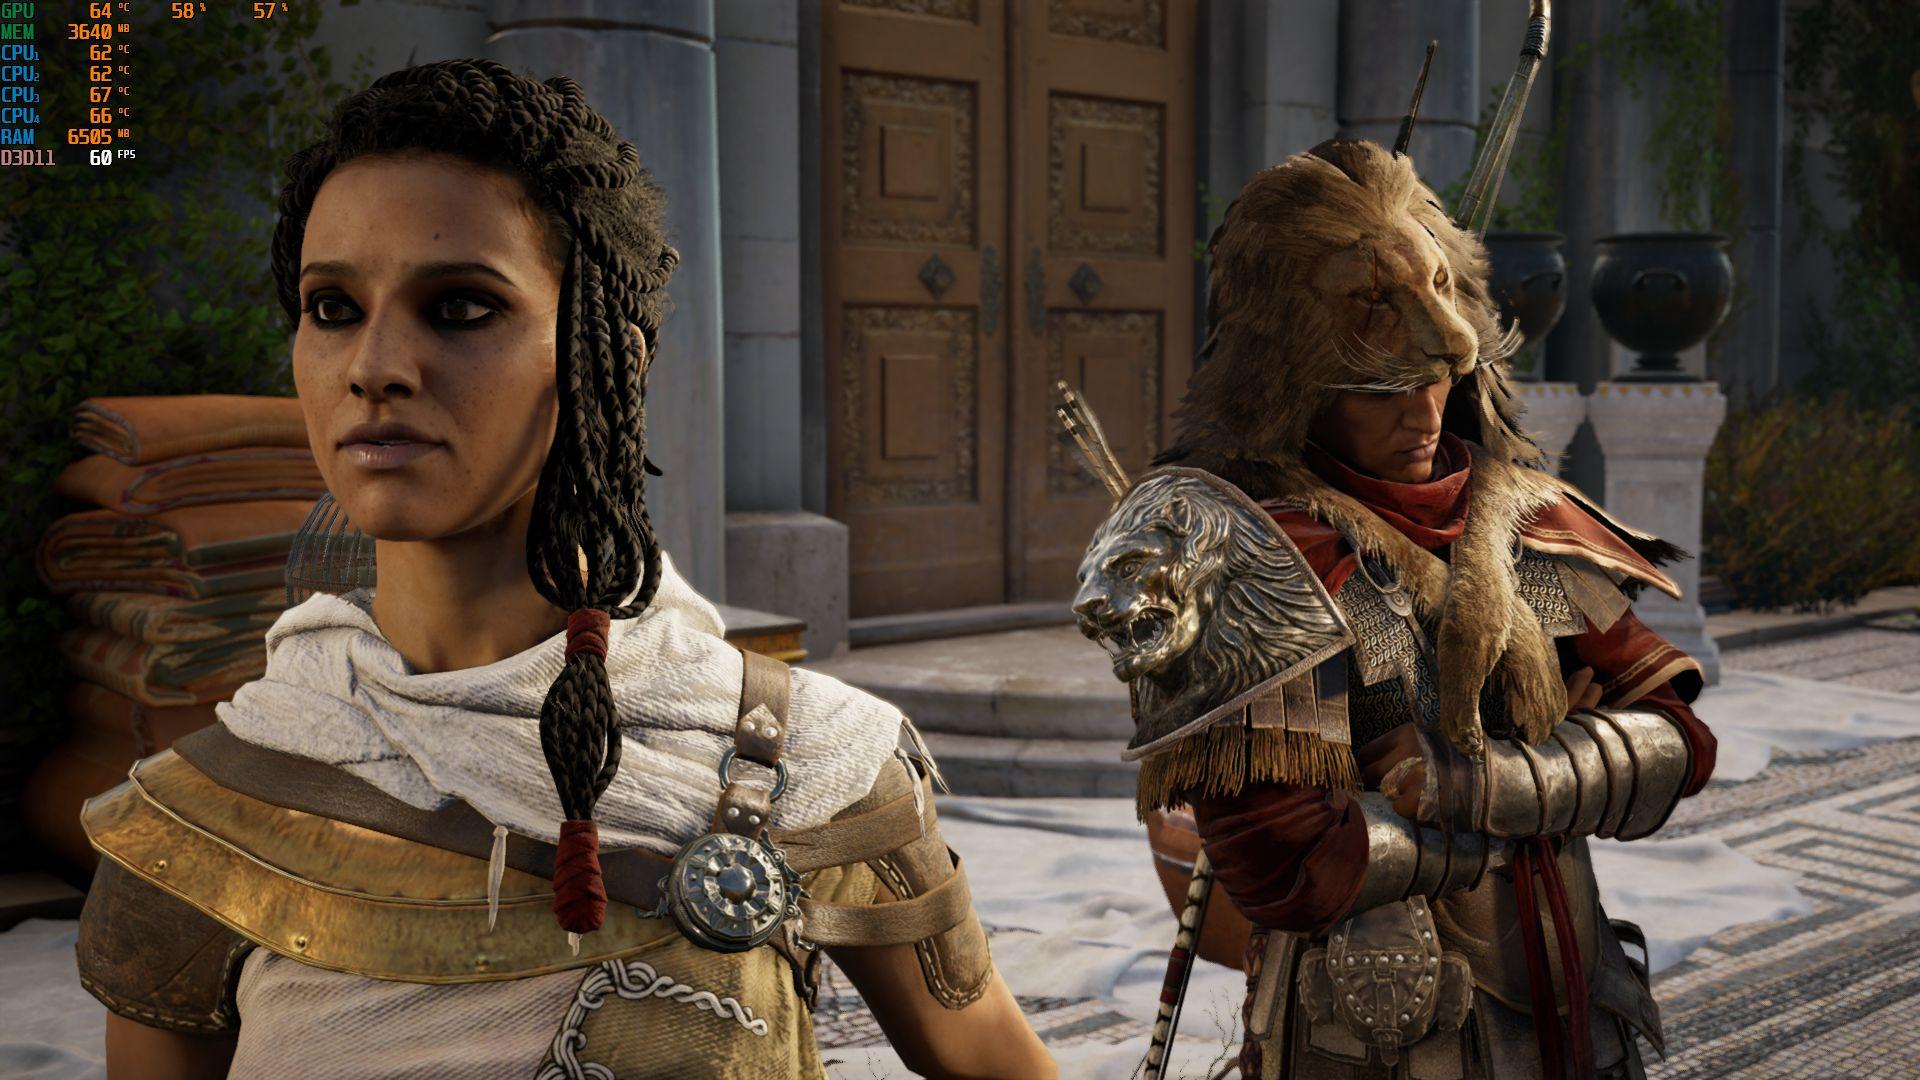 00092.Jpg - Assassin's Creed: Origins